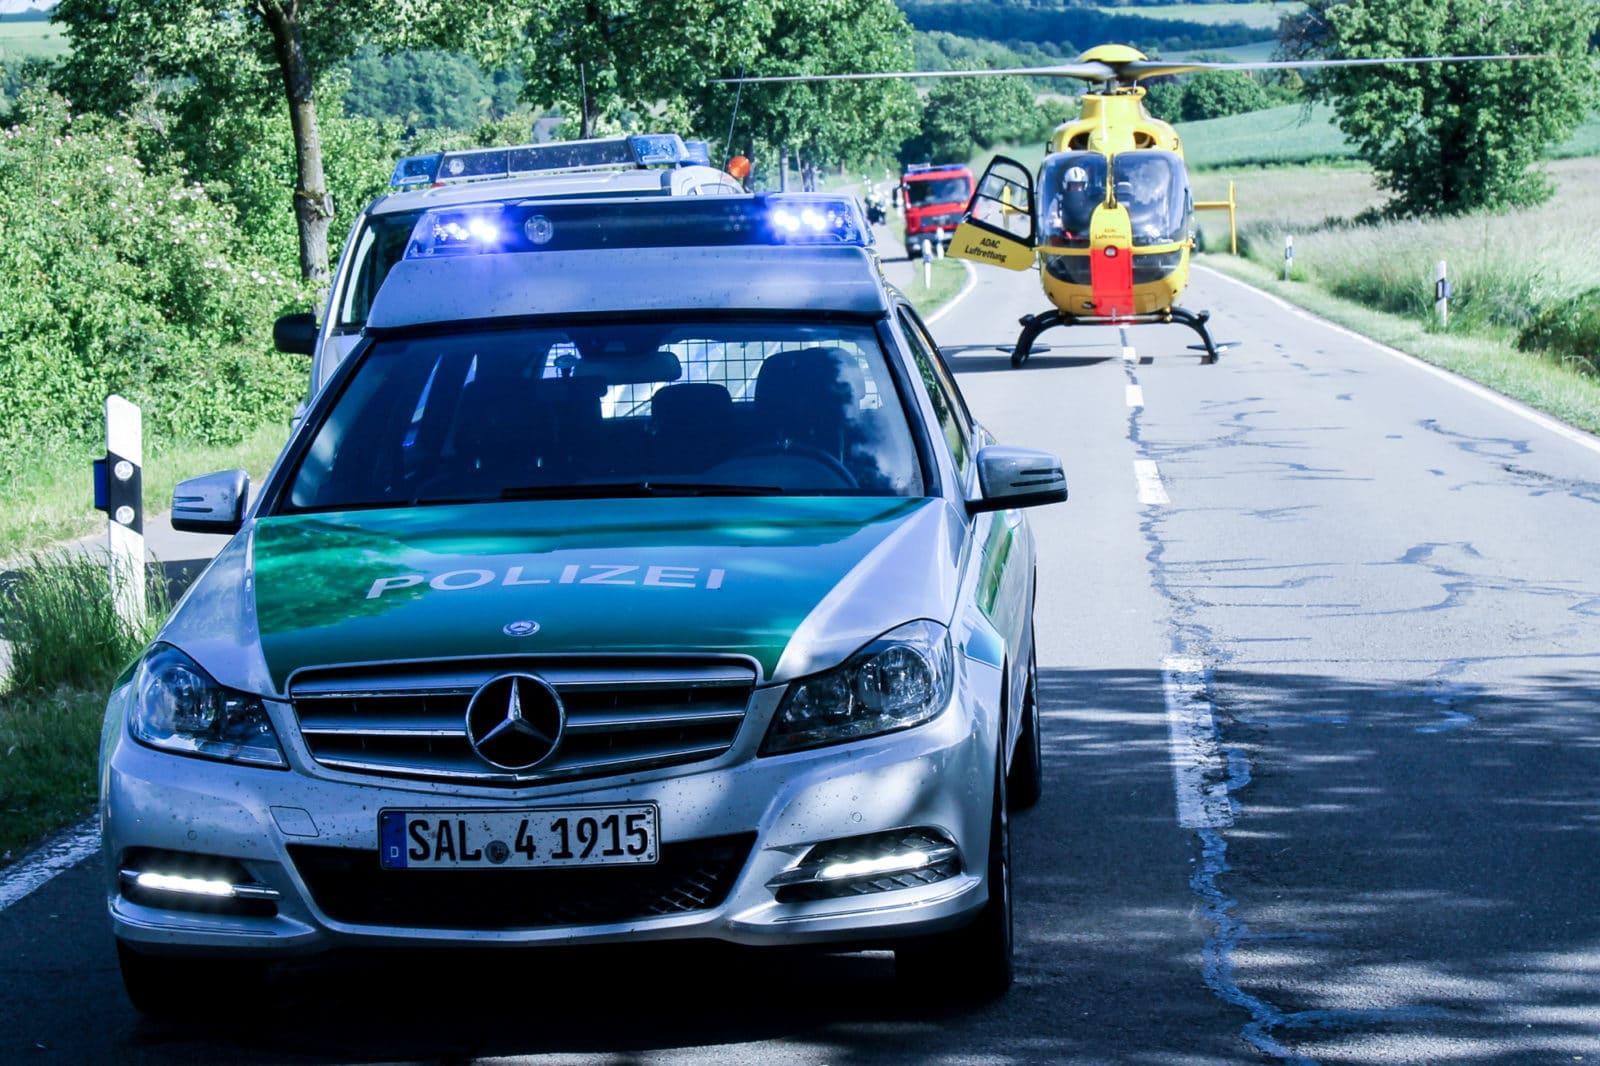 Symbolbild Polizei Hubschrauber